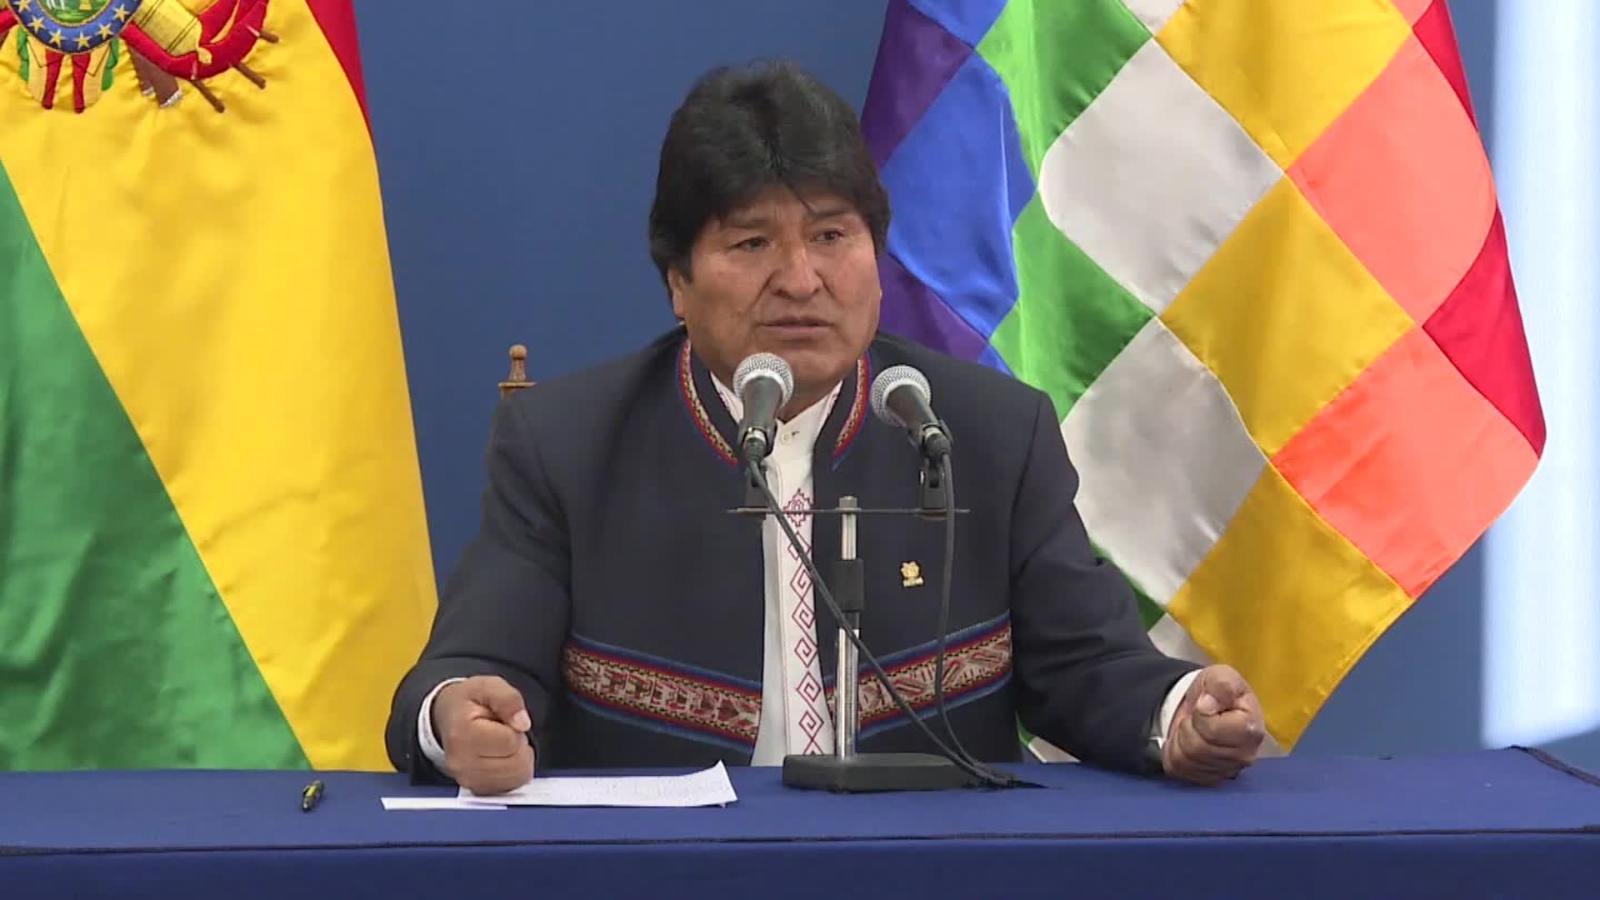 giancarlo_pietri_velutini_google_plus_no_longer_ilograra_evo_morales_ser_reelegido_como_presidente_de_bolivia_.jpg